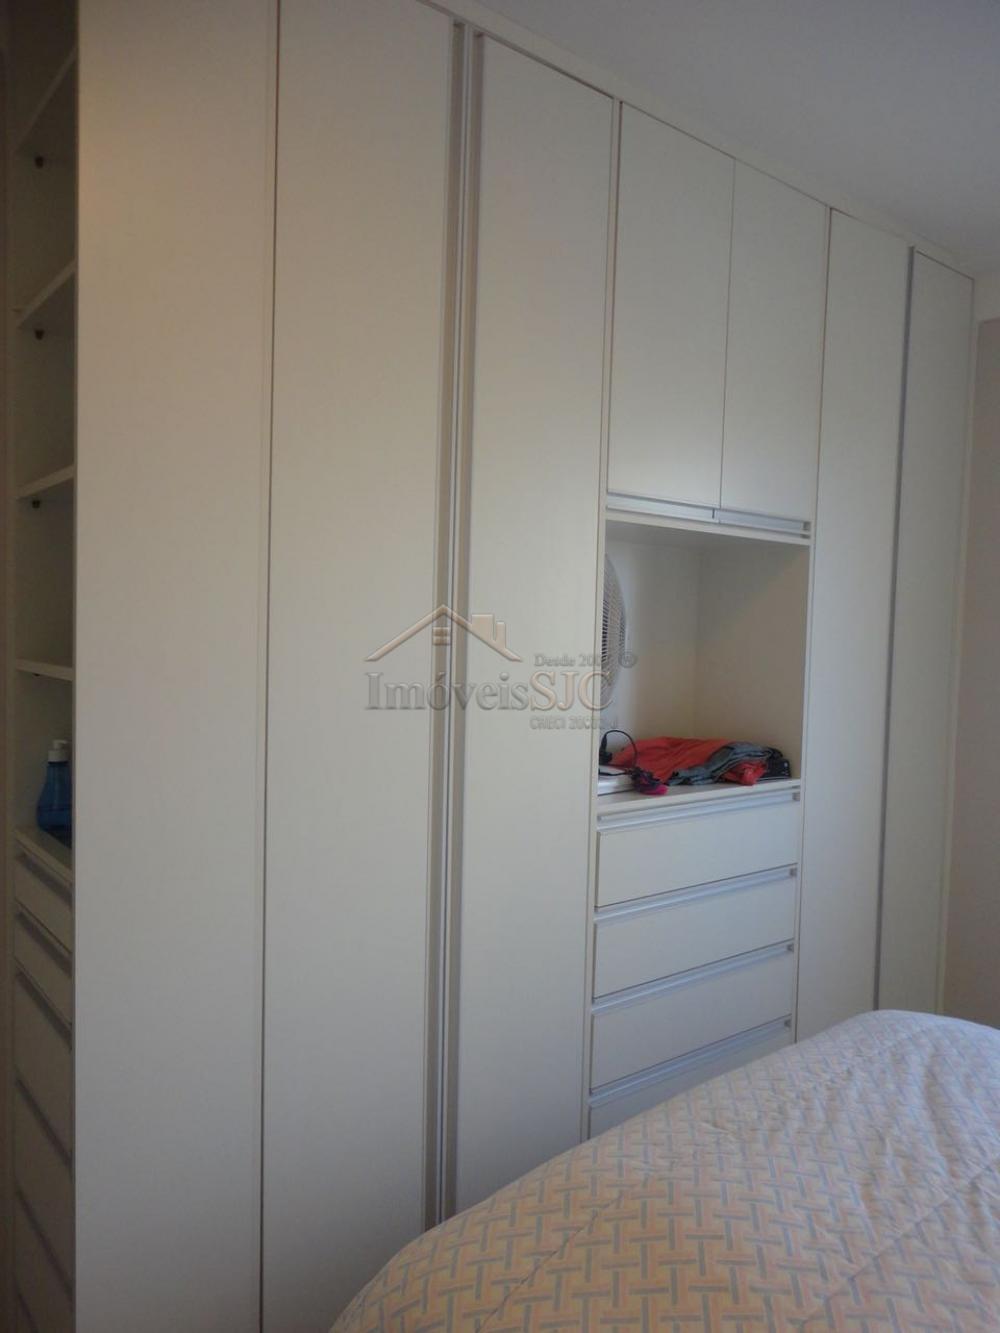 Comprar Apartamentos / Padrão em São José dos Campos apenas R$ 670.000,00 - Foto 9